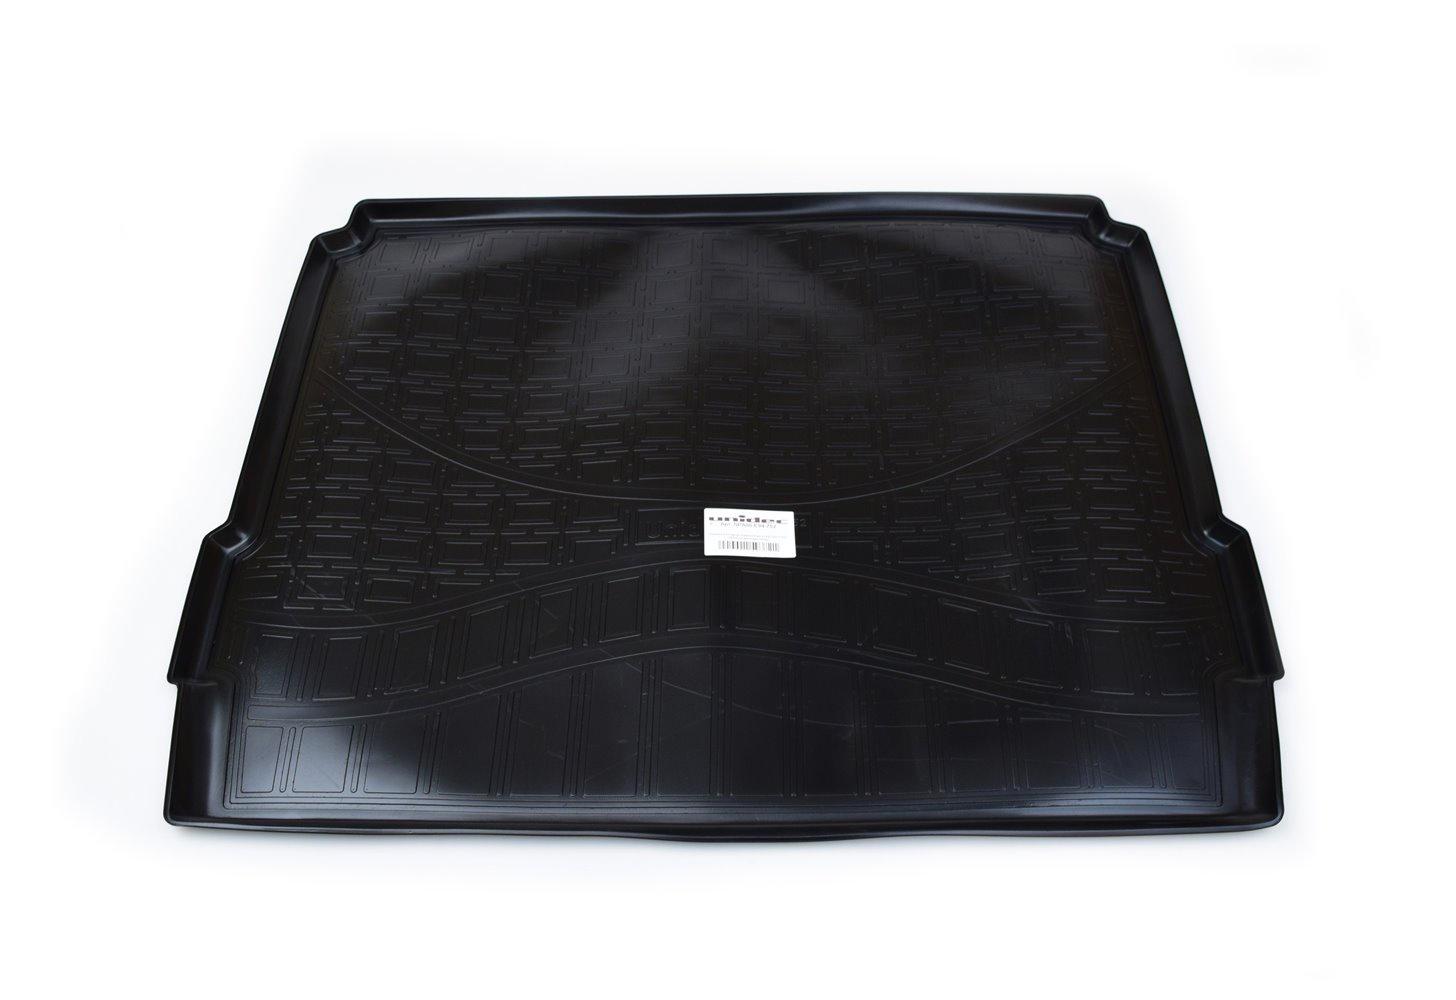 Коврики в салон автомобиля Avtodriver литьевые для Volkswagen Polo Sd (2010), Np11-Ldc-95-421, черный gm ldc 300o